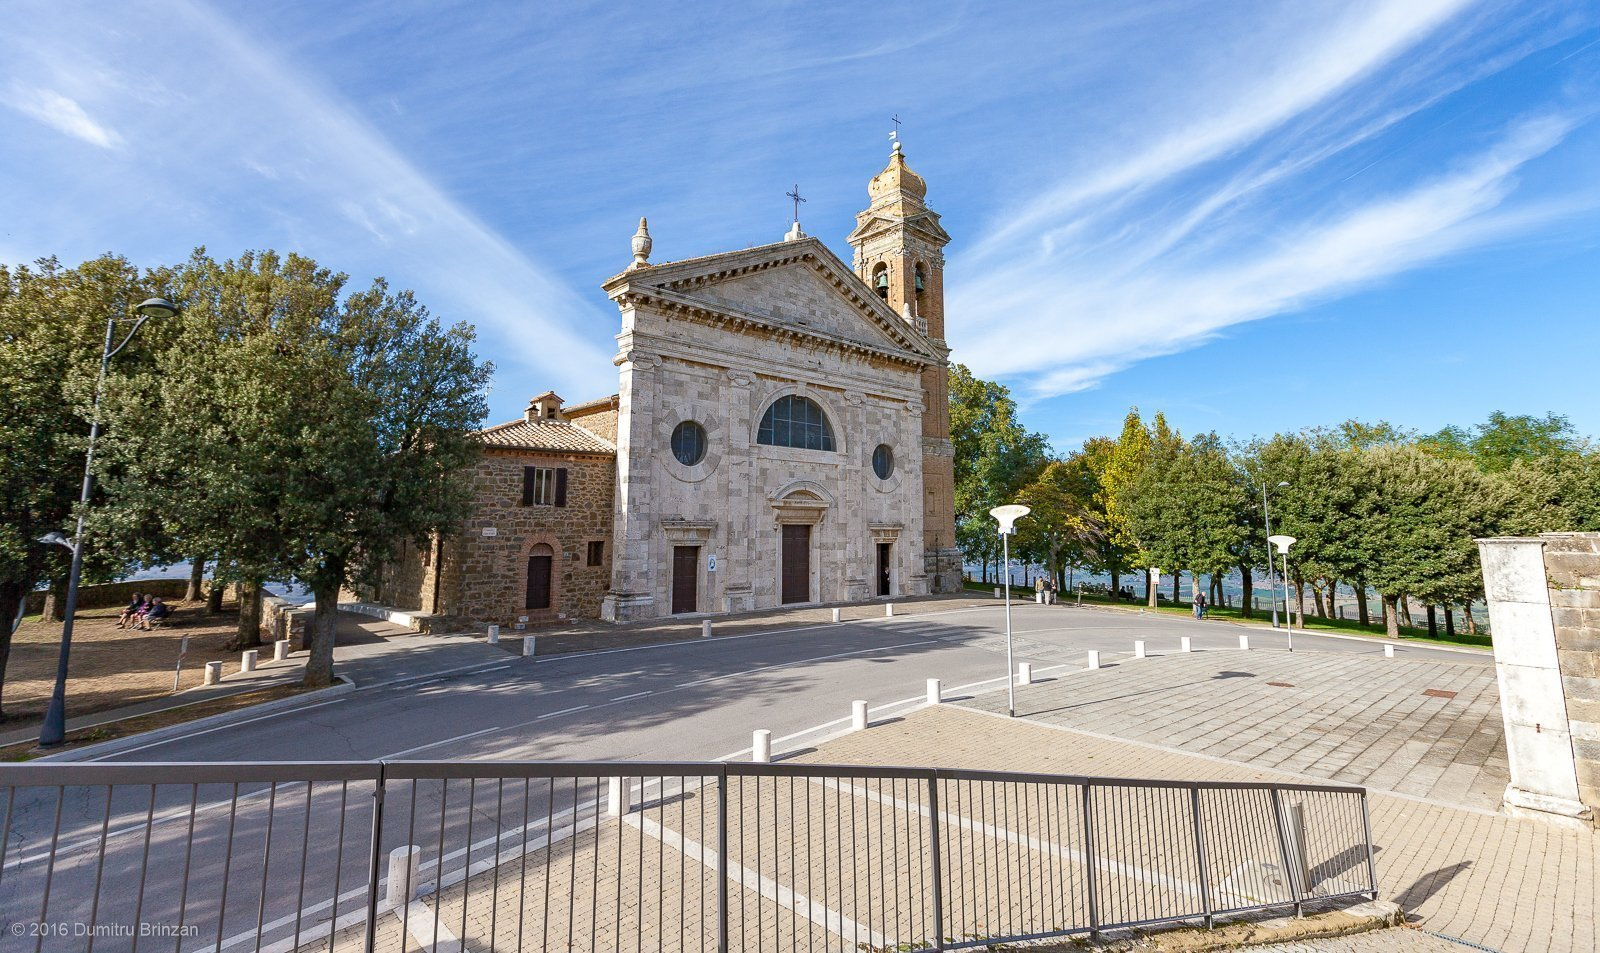 2016-montalcino-tuscany-italy-2-chiesa-della-madonna-del-soccorso